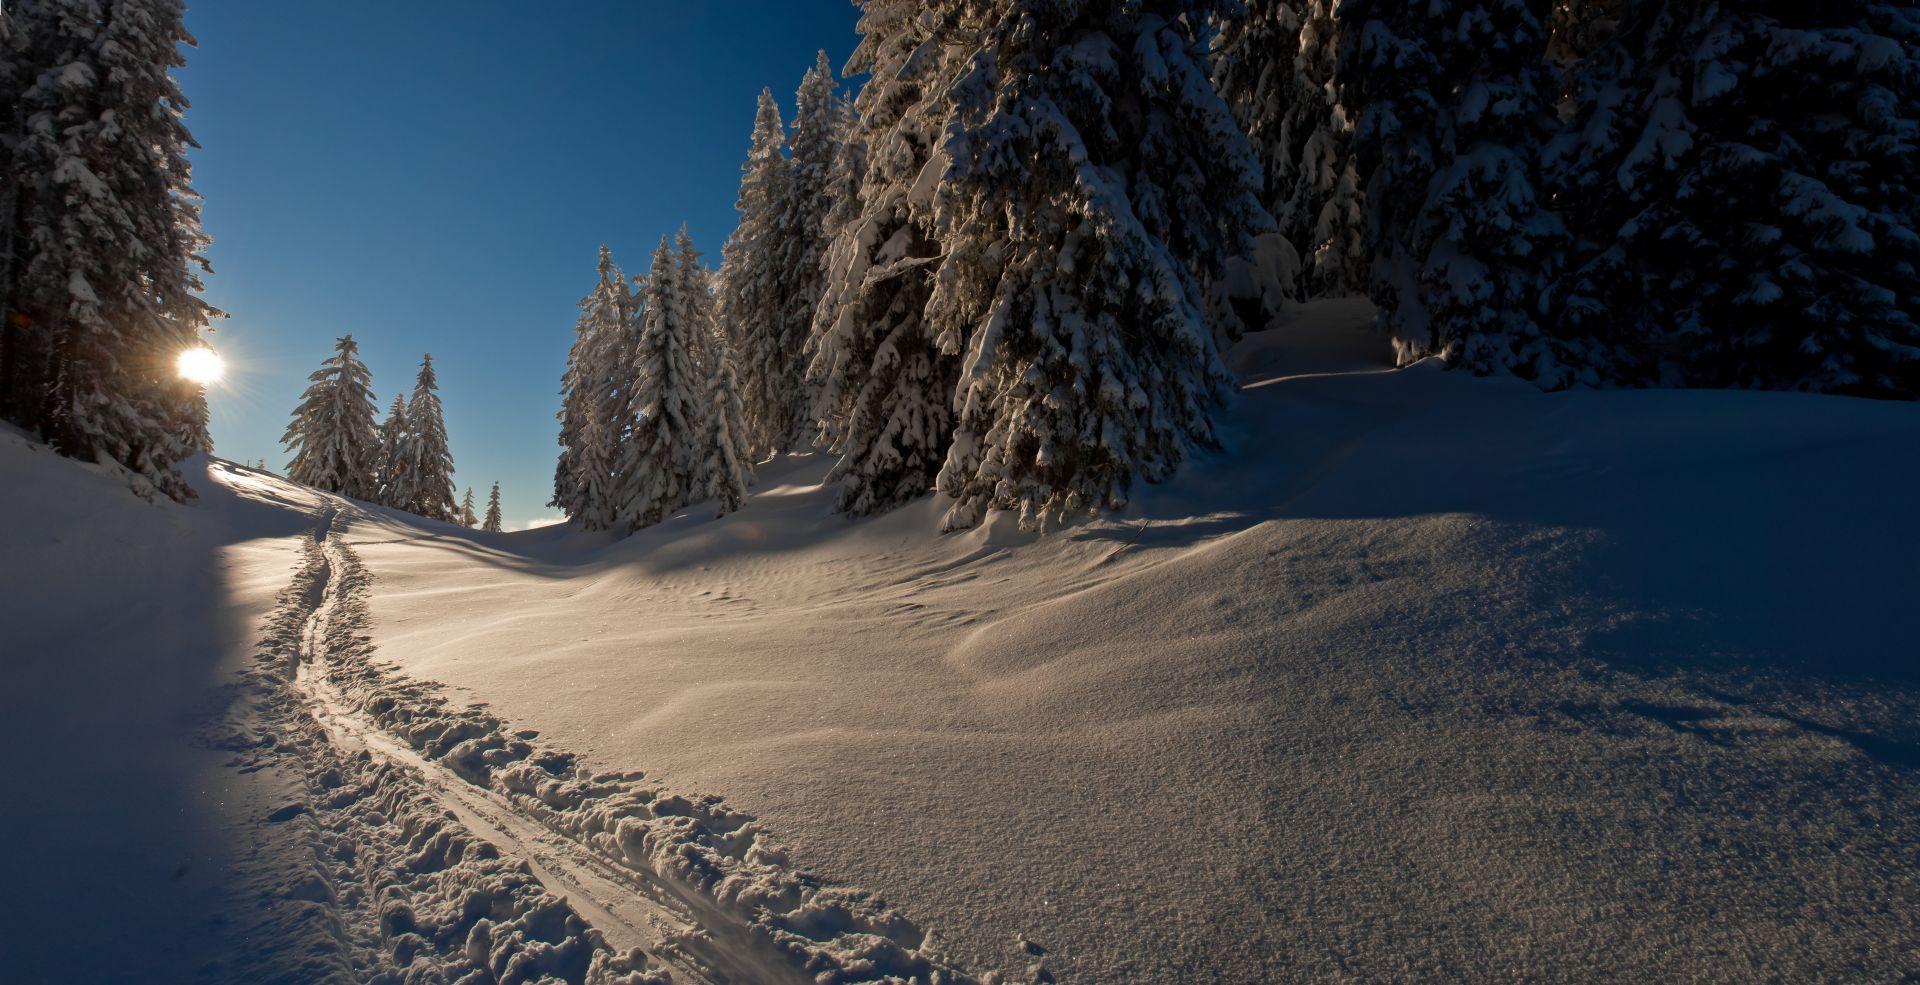 Die Sonne lässt die Schneedecke glitzern